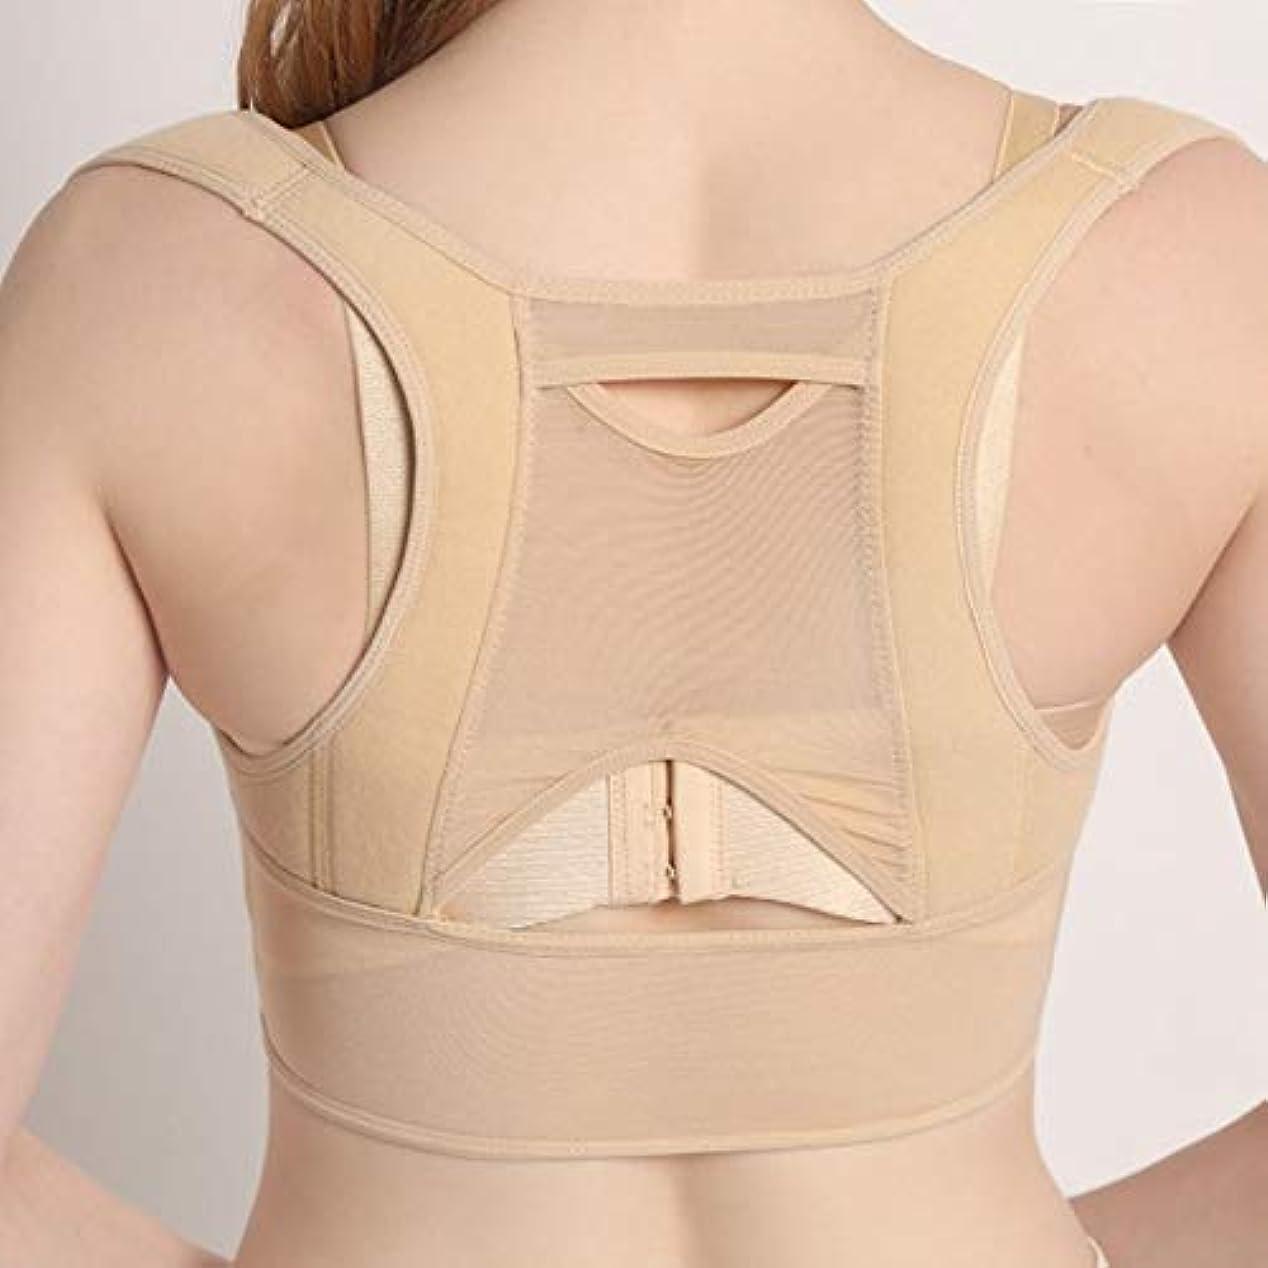 アボート体現する許す通気性のある女性の背中の姿勢矯正コルセット整形外科の肩の背骨の背骨の姿勢矯正腰椎サポート